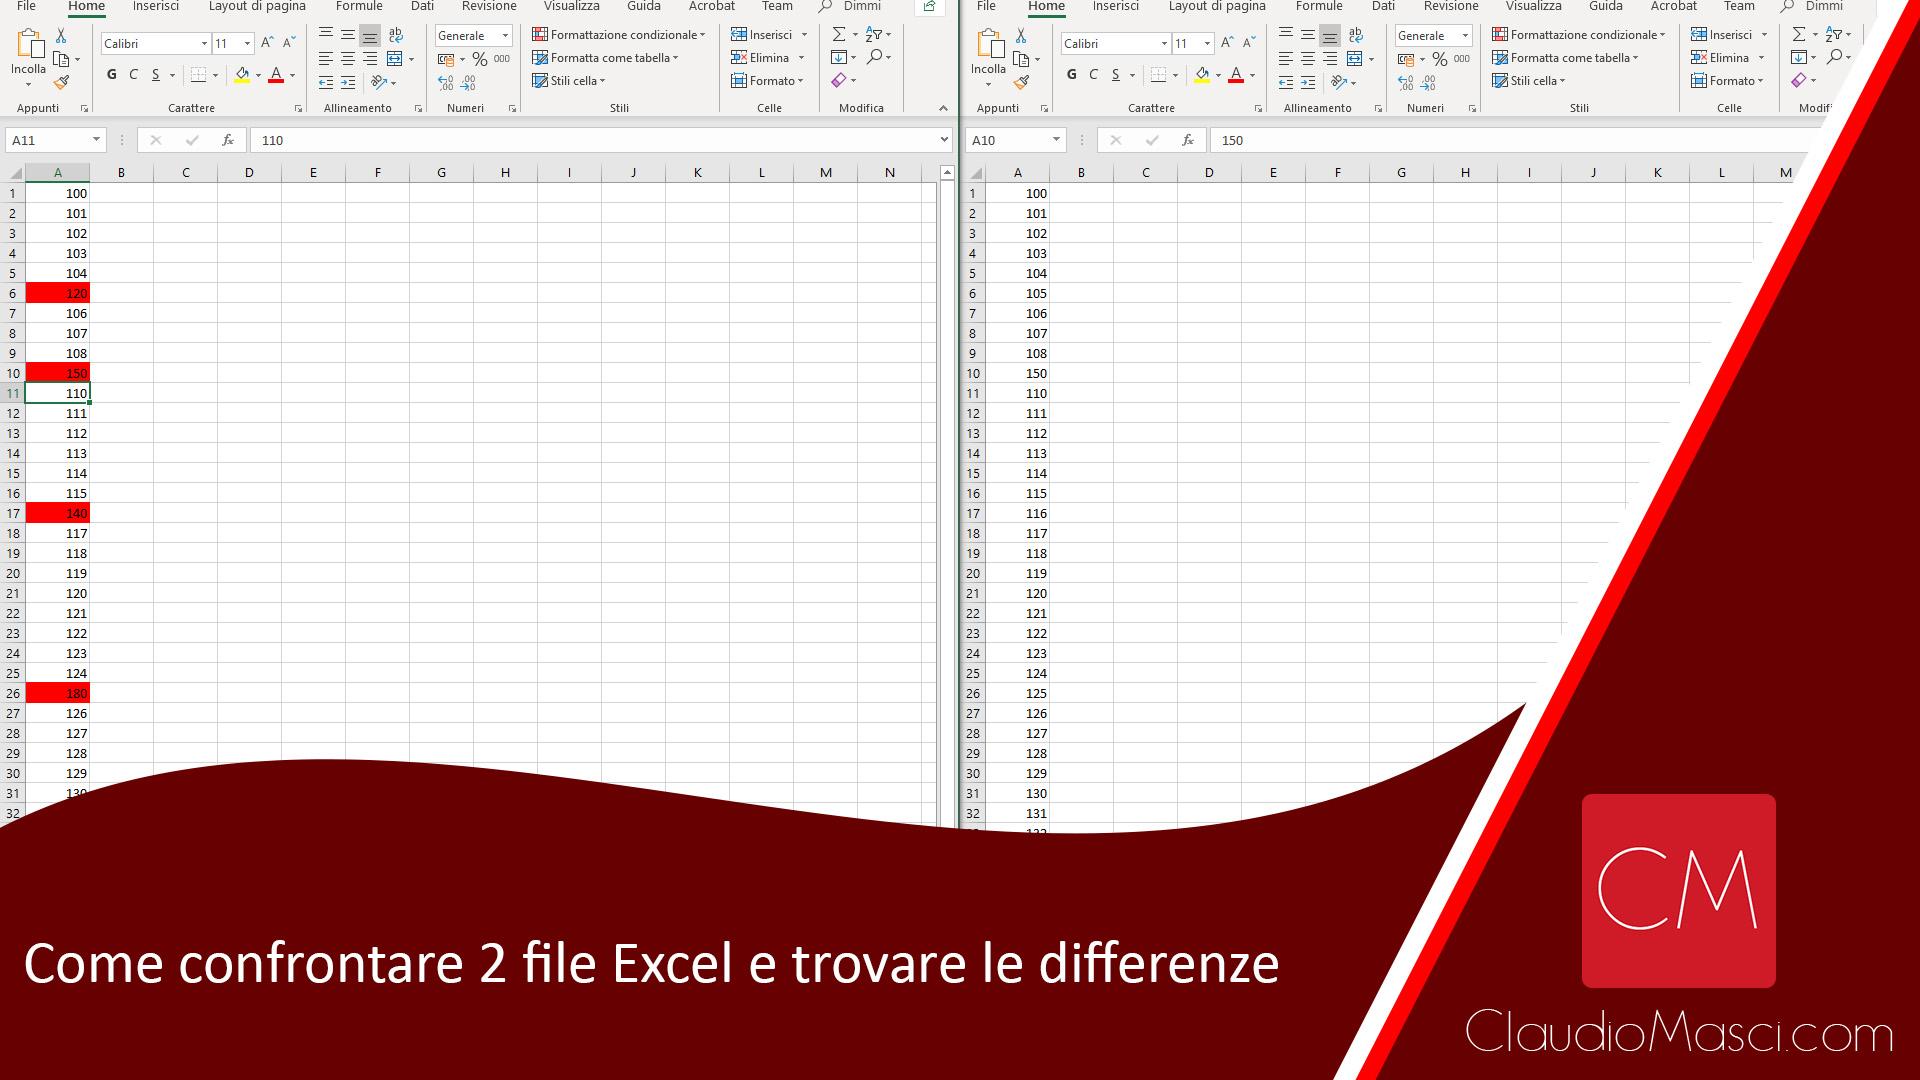 Come confrontare 2 file Excel e trovare le differenze